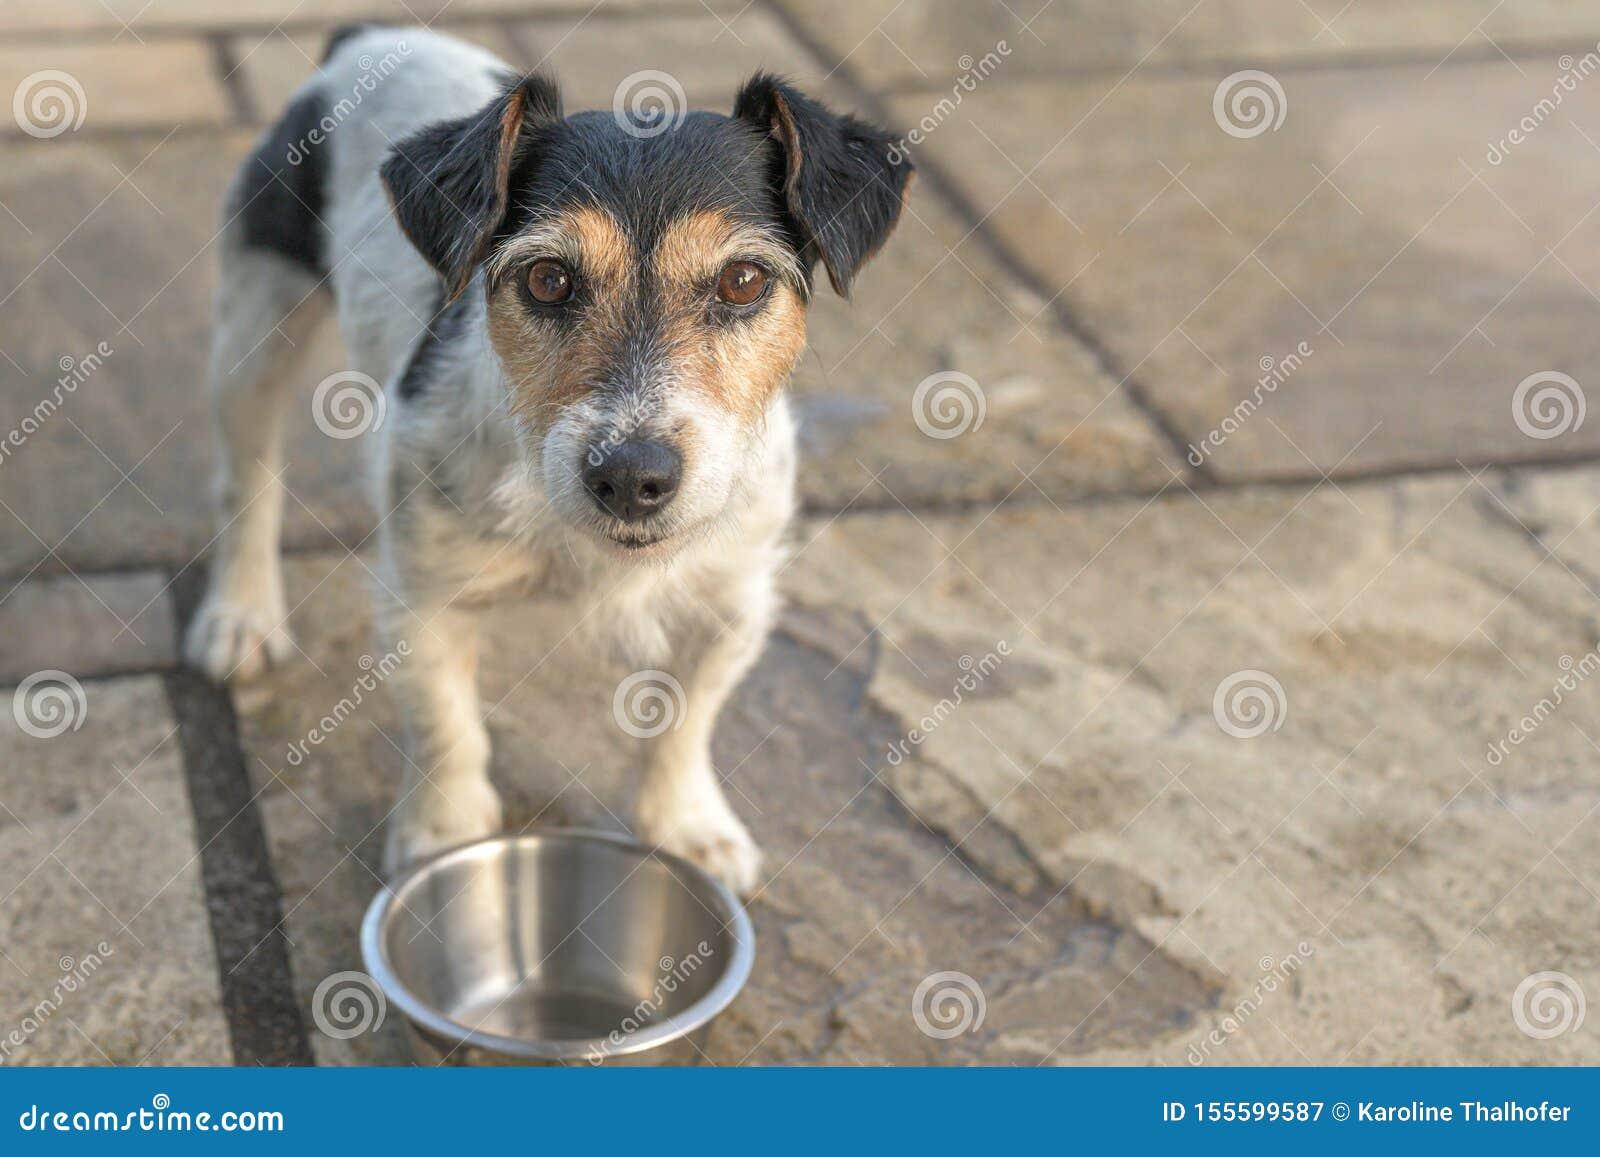 O cão pequeno bonito está estando na frente de uma bacia vazia e é sedento Jack Russell Terrier 10 anos velho